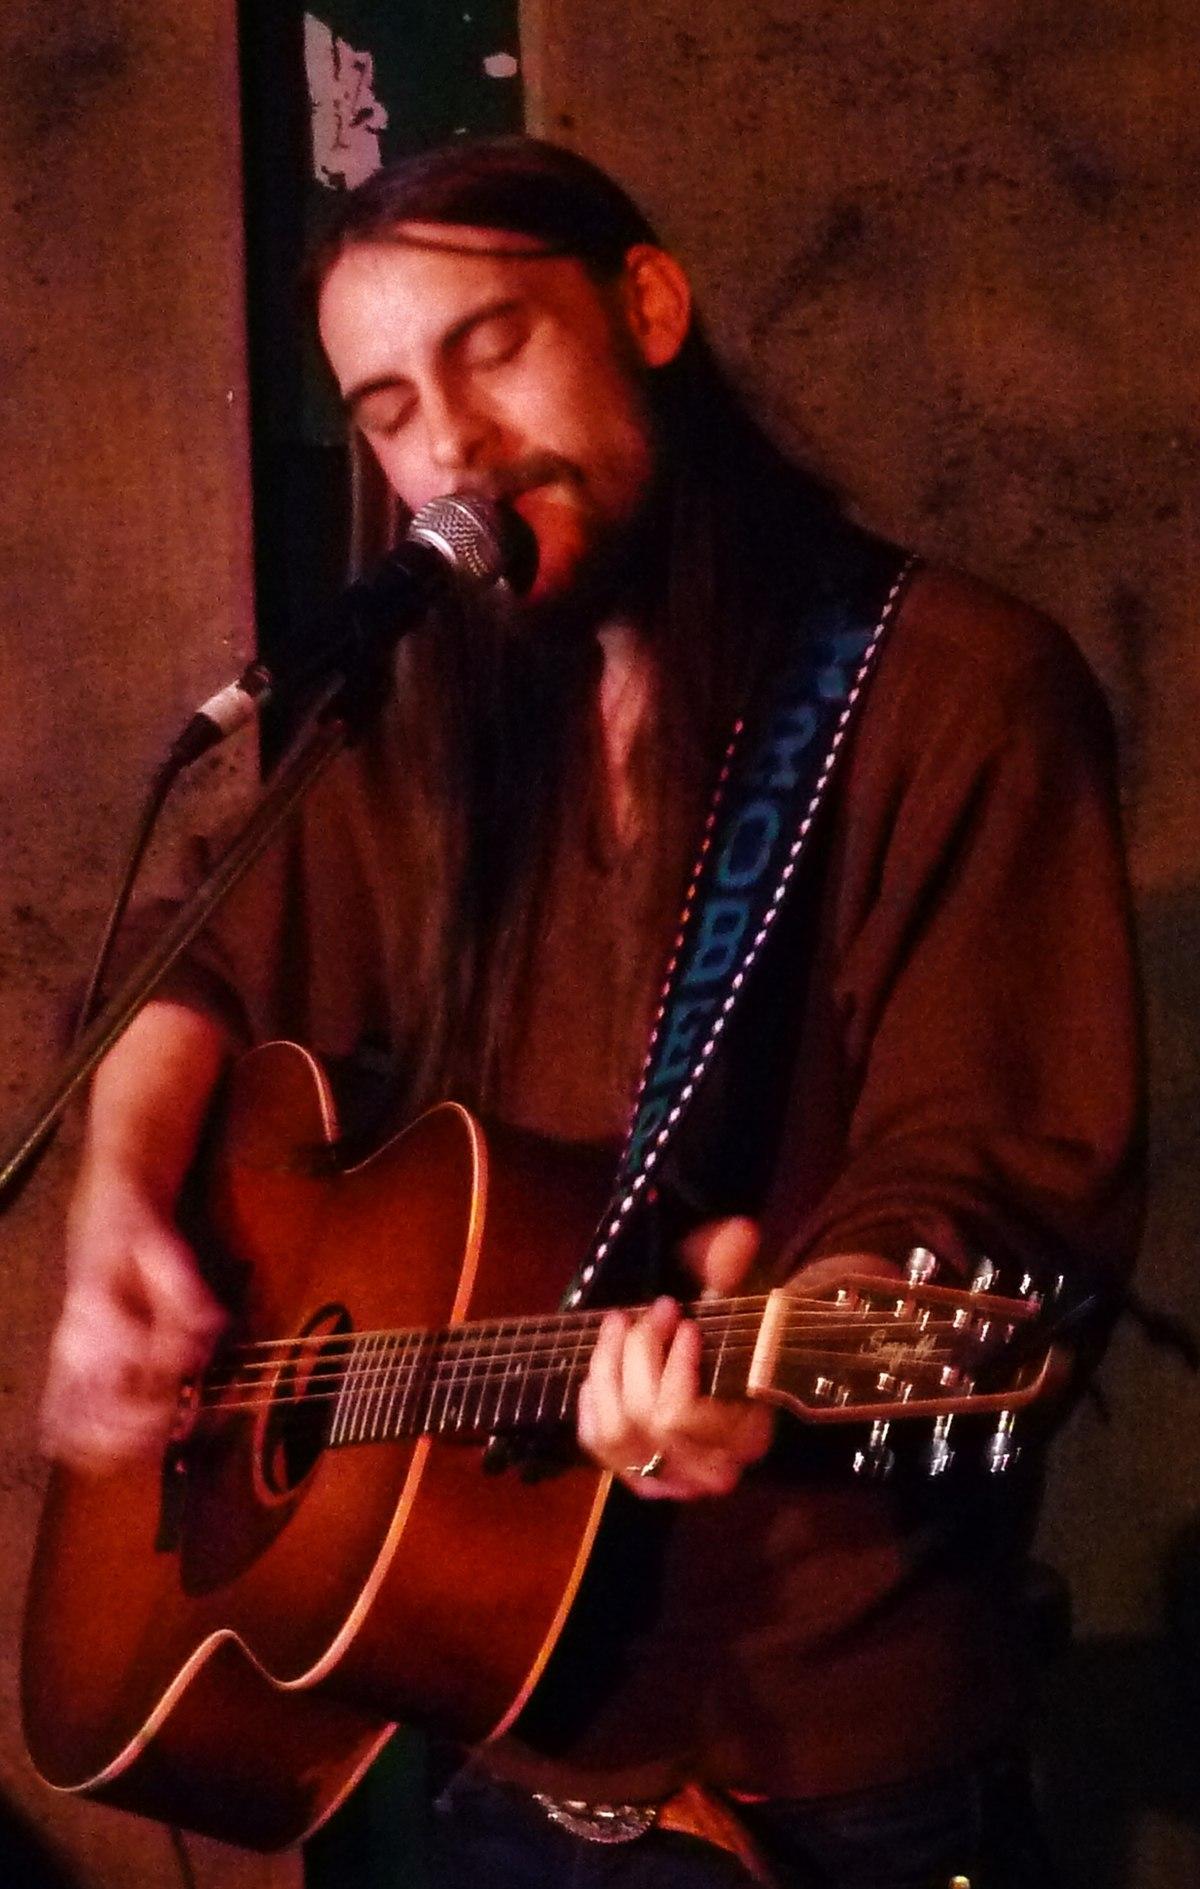 Robert Ellis (singer-songwriter) - Wikipedia